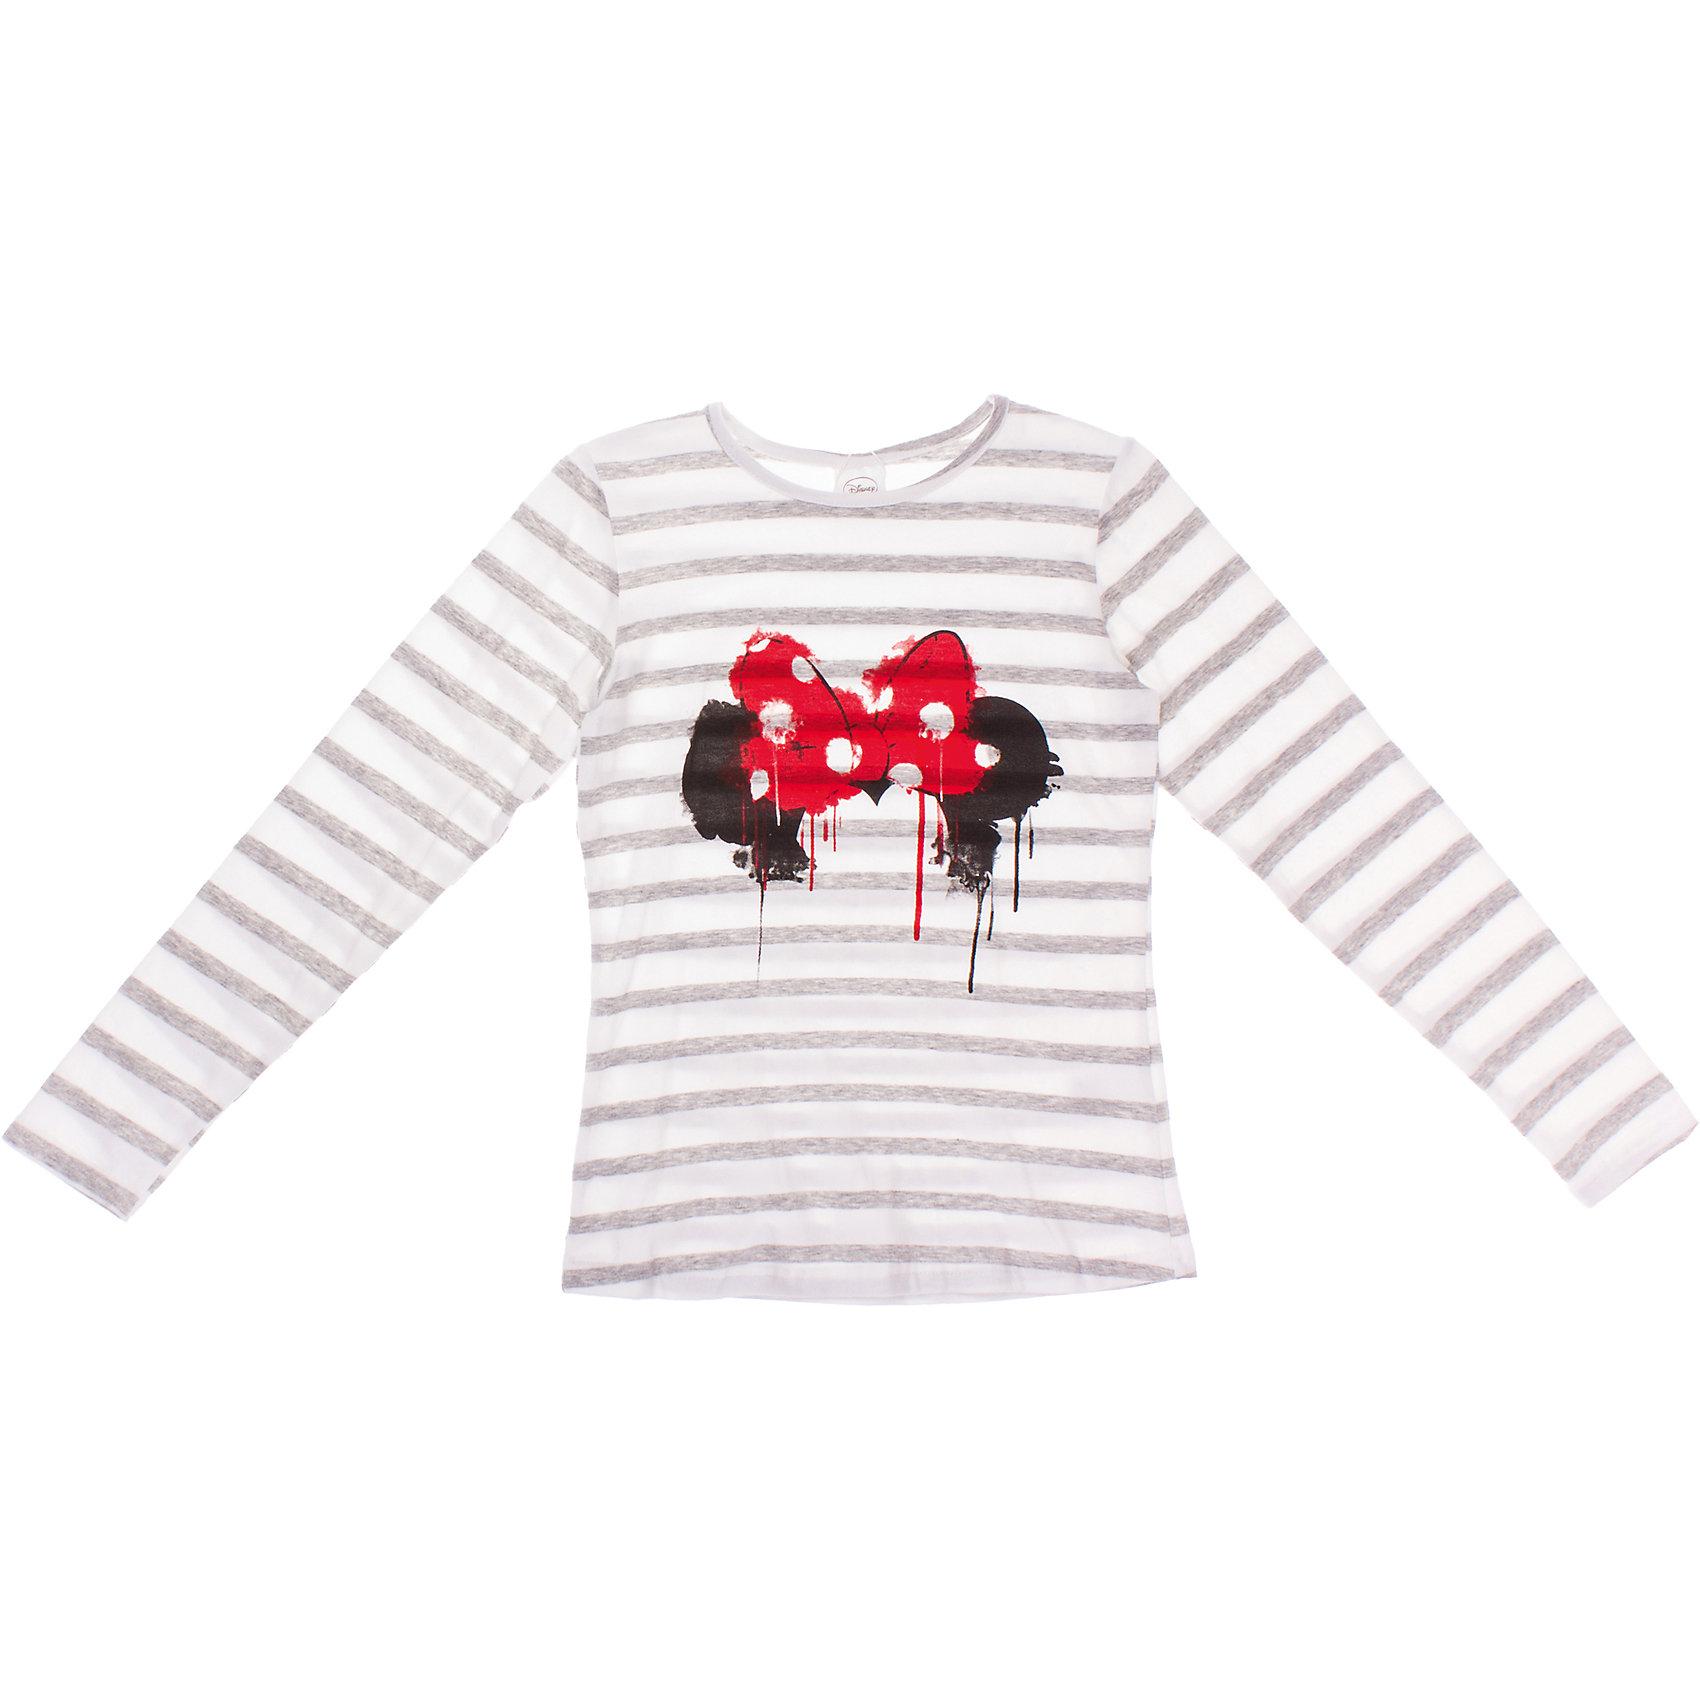 Футболка с длинным рукавом для девочки S'CoolФутболки с длинным рукавом<br>Футболка для девочки S'Cool <br><br>Состав: 95% хлопок, 5% эластан <br><br>Хлопковая футболка с длинными рукавами, сделана по лицензии Disney. <br>Ткань в полоску - пестровязанная. <br>Стильный принт.<br><br>Ширина мм: 199<br>Глубина мм: 10<br>Высота мм: 161<br>Вес г: 151<br>Цвет: белый<br>Возраст от месяцев: 168<br>Возраст до месяцев: 180<br>Пол: Женский<br>Возраст: Детский<br>Размер: 164,140,146,152,134,158<br>SKU: 4503674